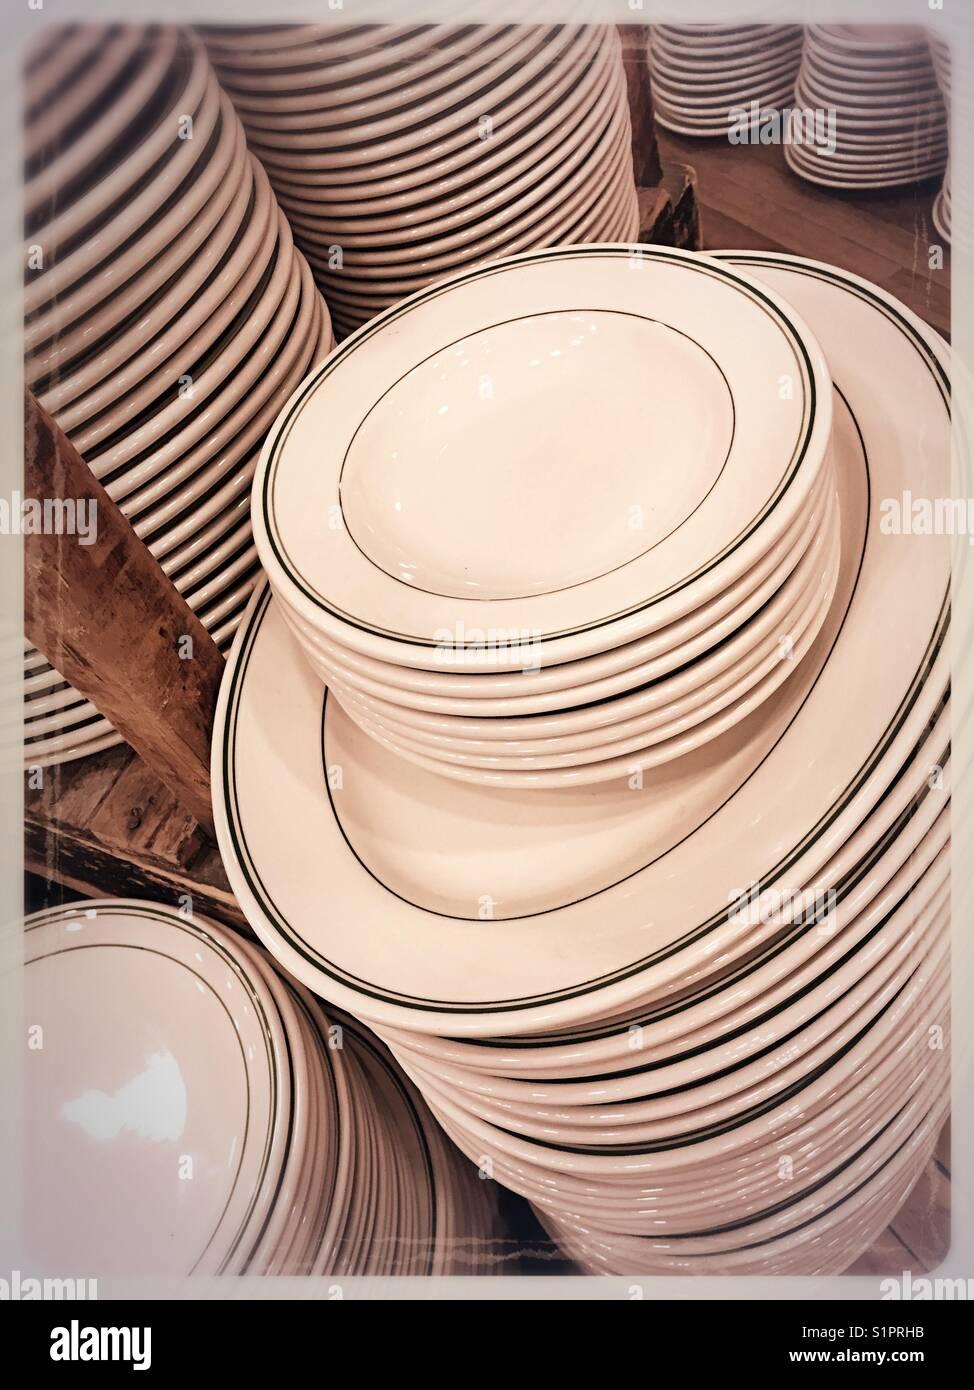 Plates on display in Fishs EddyNYC  sc 1 st  Alamy & Plates on display in Fishs EddyNYC Stock Photo Royalty Free Image ...